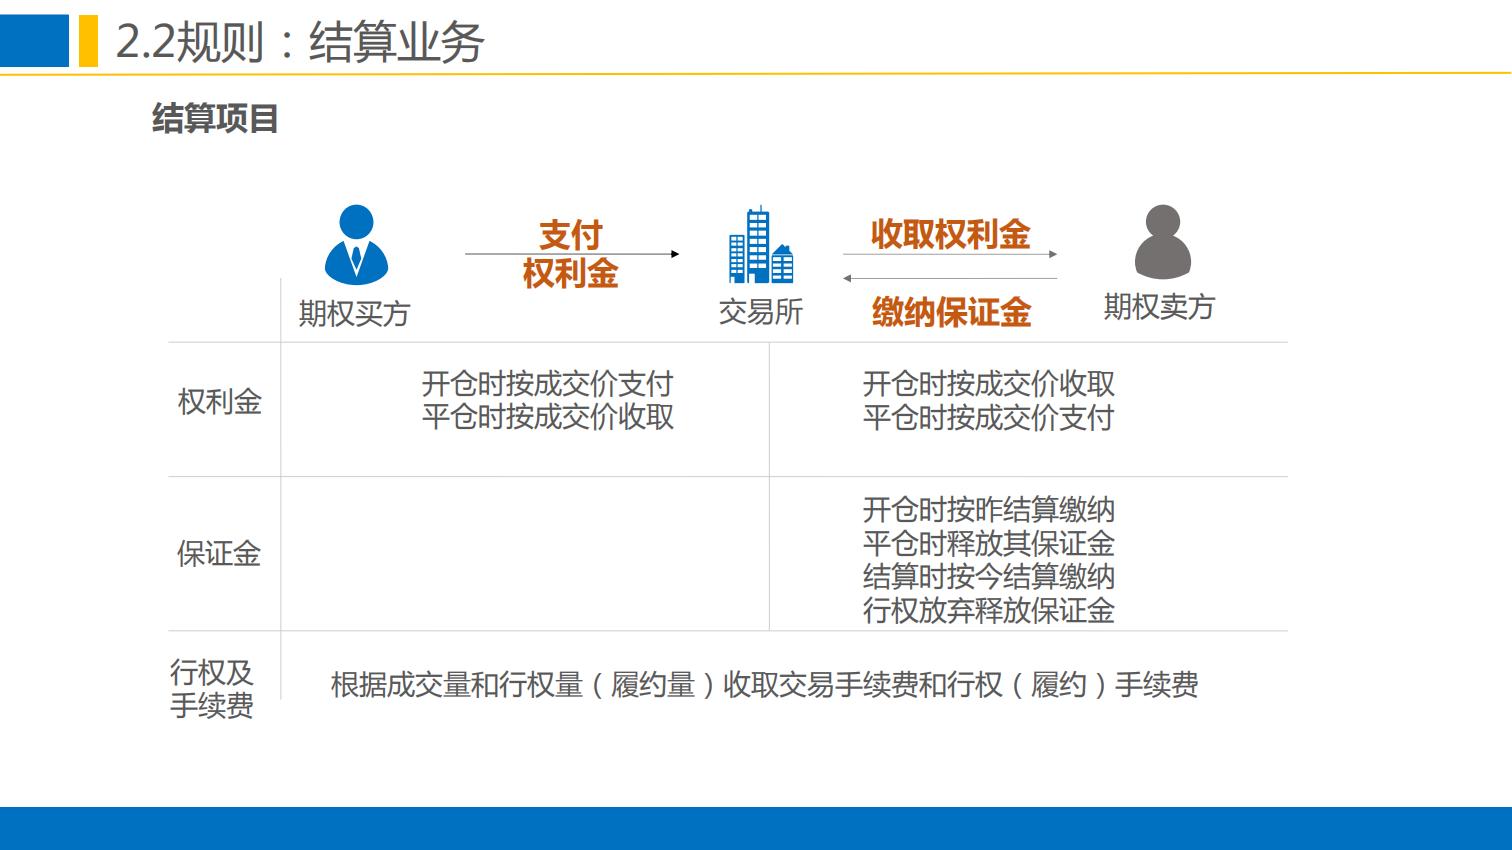 晨会:郑商所培训分享-棉花期权合约规则与上市工作安排0111.pdfx_23.png